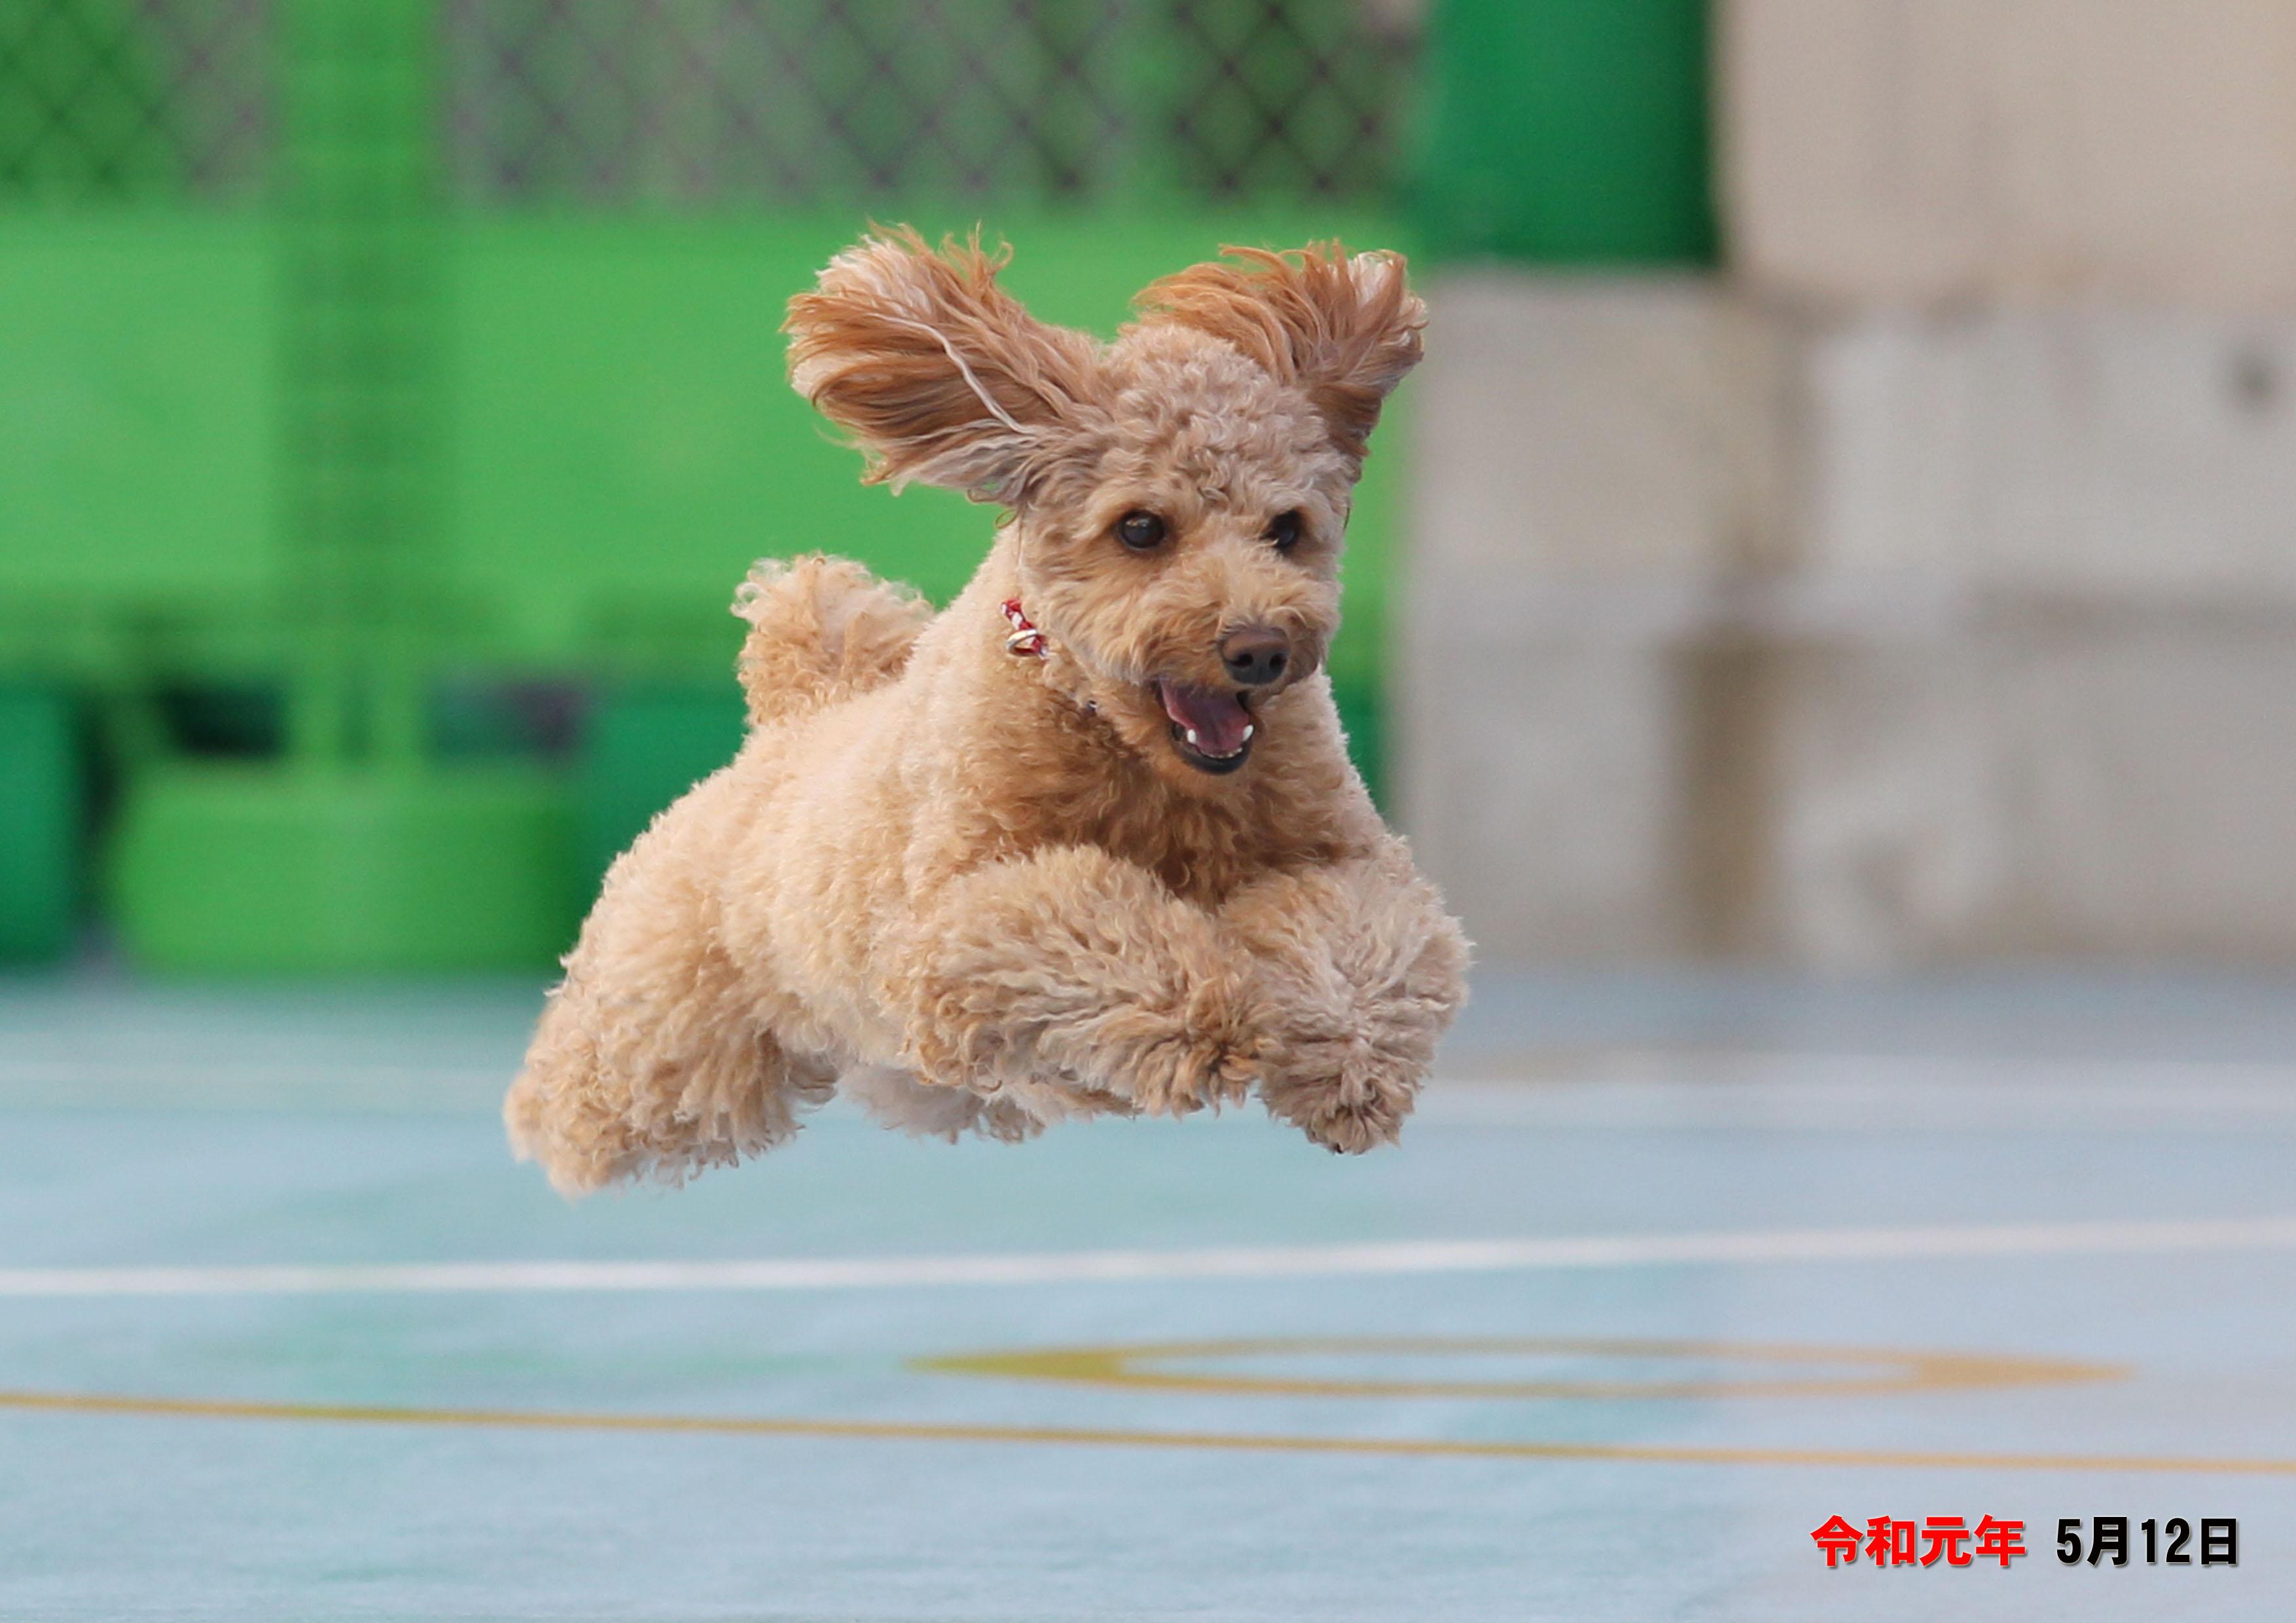 2019/05/12 西宮 飛行犬撮影会